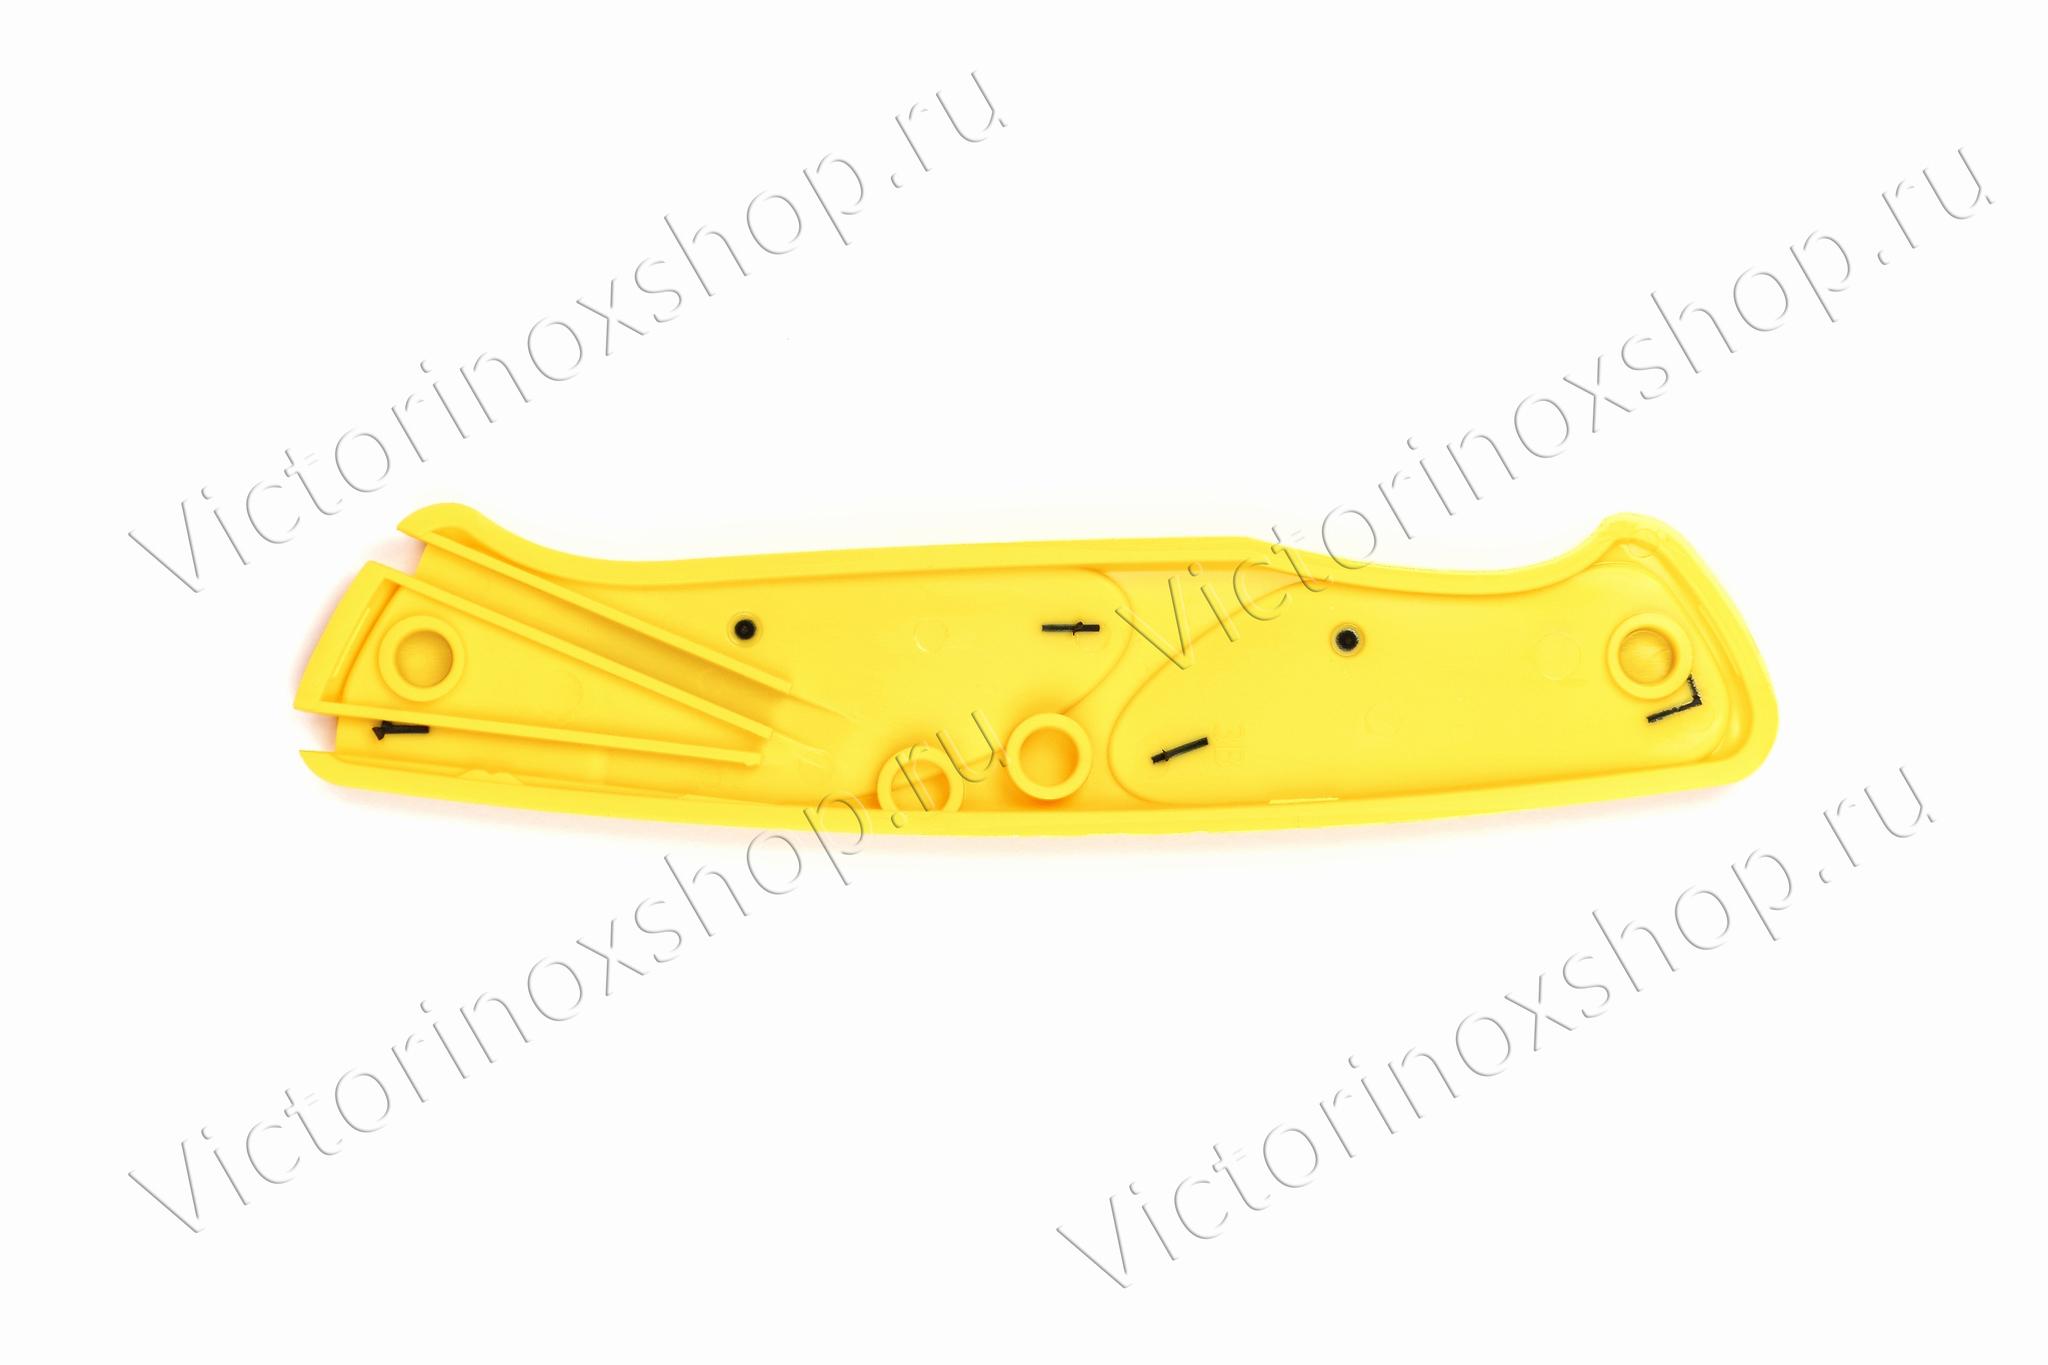 Задняя накладка для ножей VICTORINOX 130 мм, нейлоновая, жёлто-чёрная (C.9538.C4)